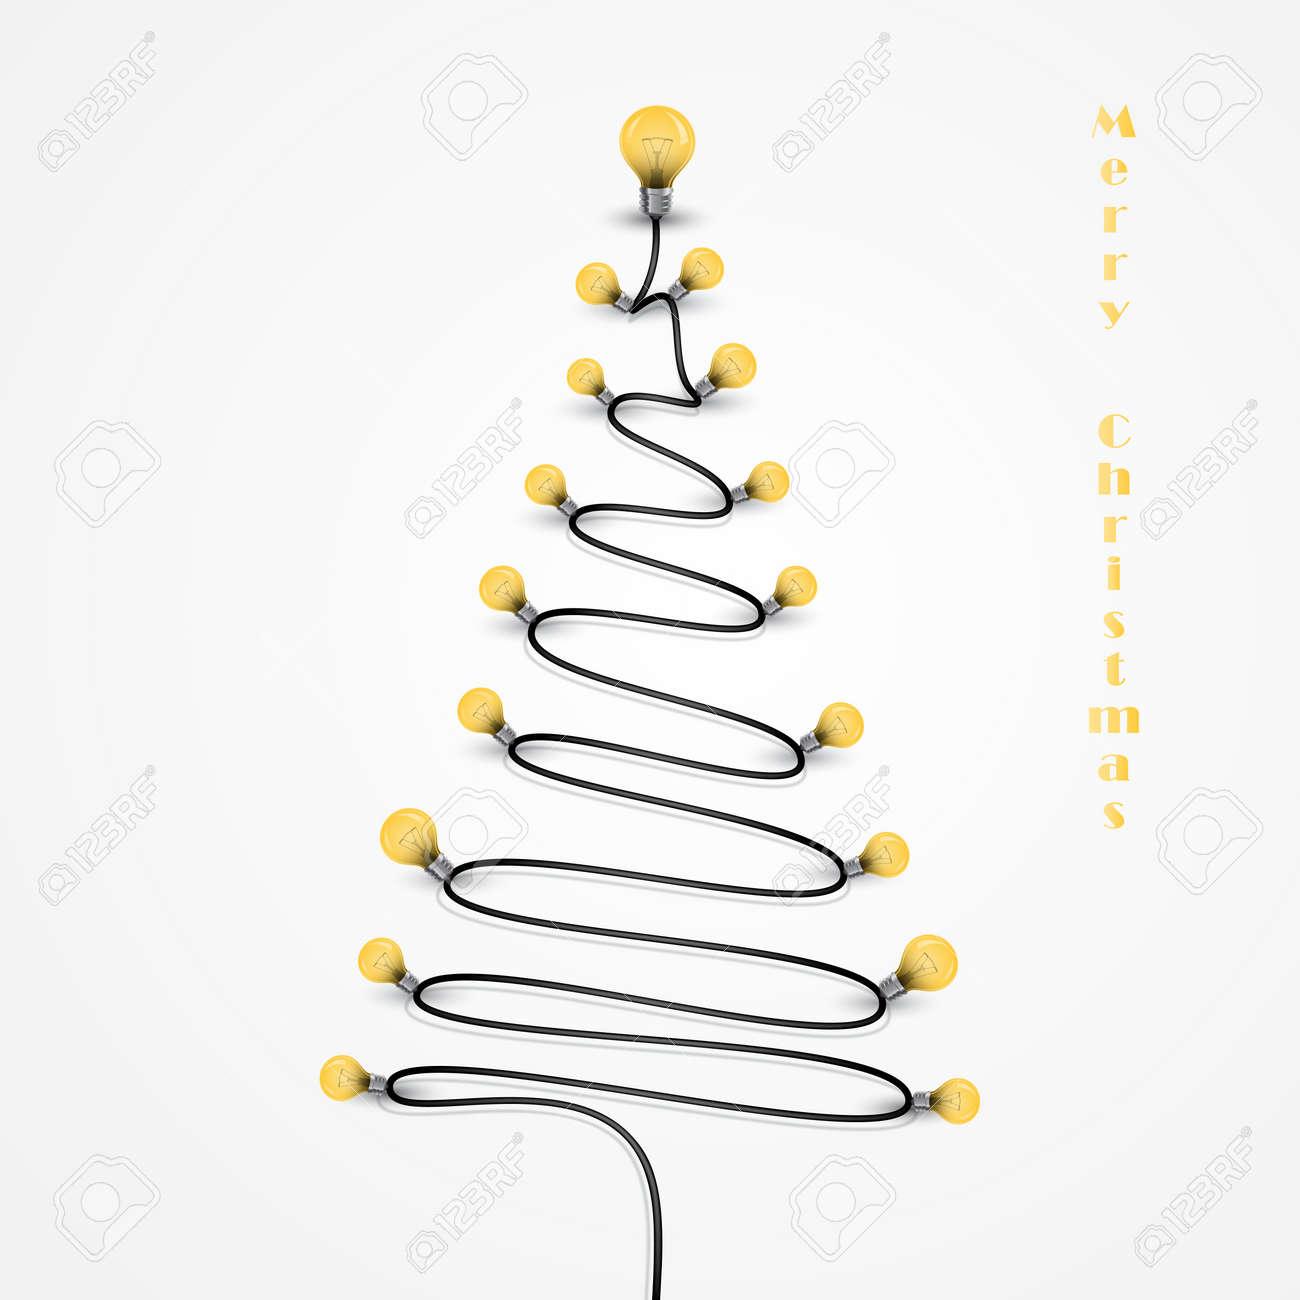 3dd2bdde512 Bombillas de colores y el símbolo del árbol de Navidad .Merry navidad  background.Design